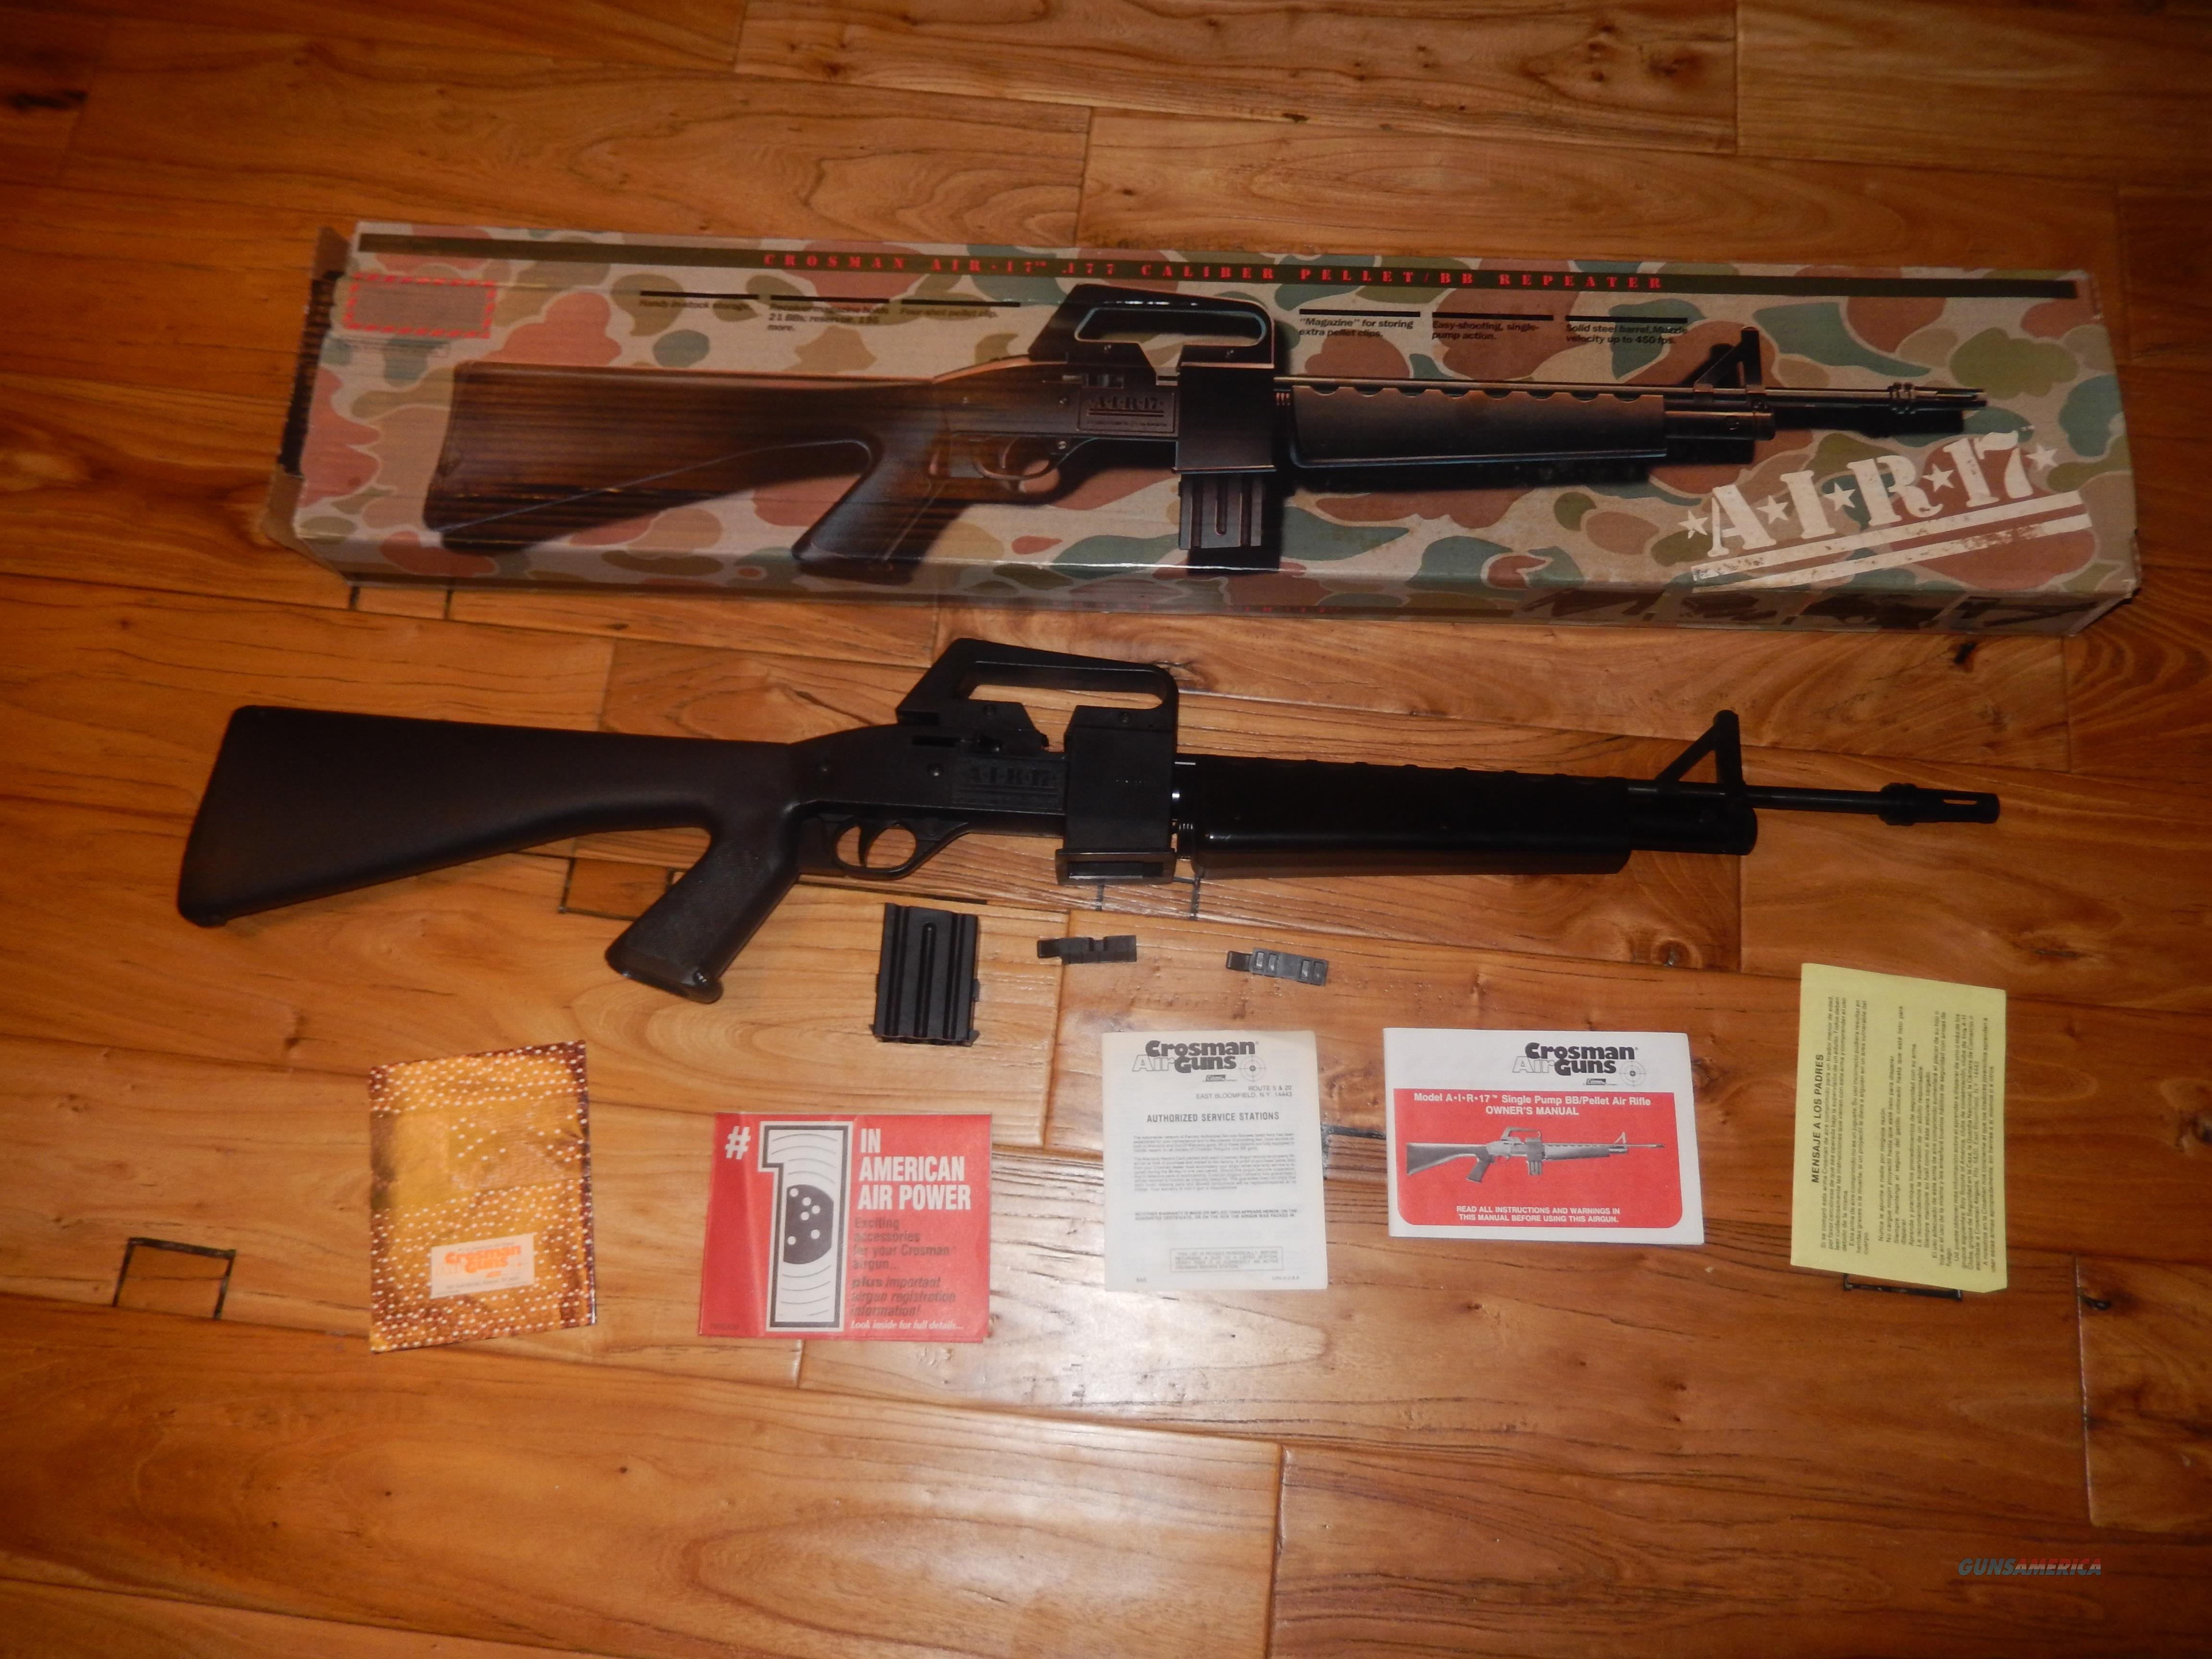 crosman air 17 pellet bb gun for sale rh gunsamerica com Repair Manuals Cartoon Manual